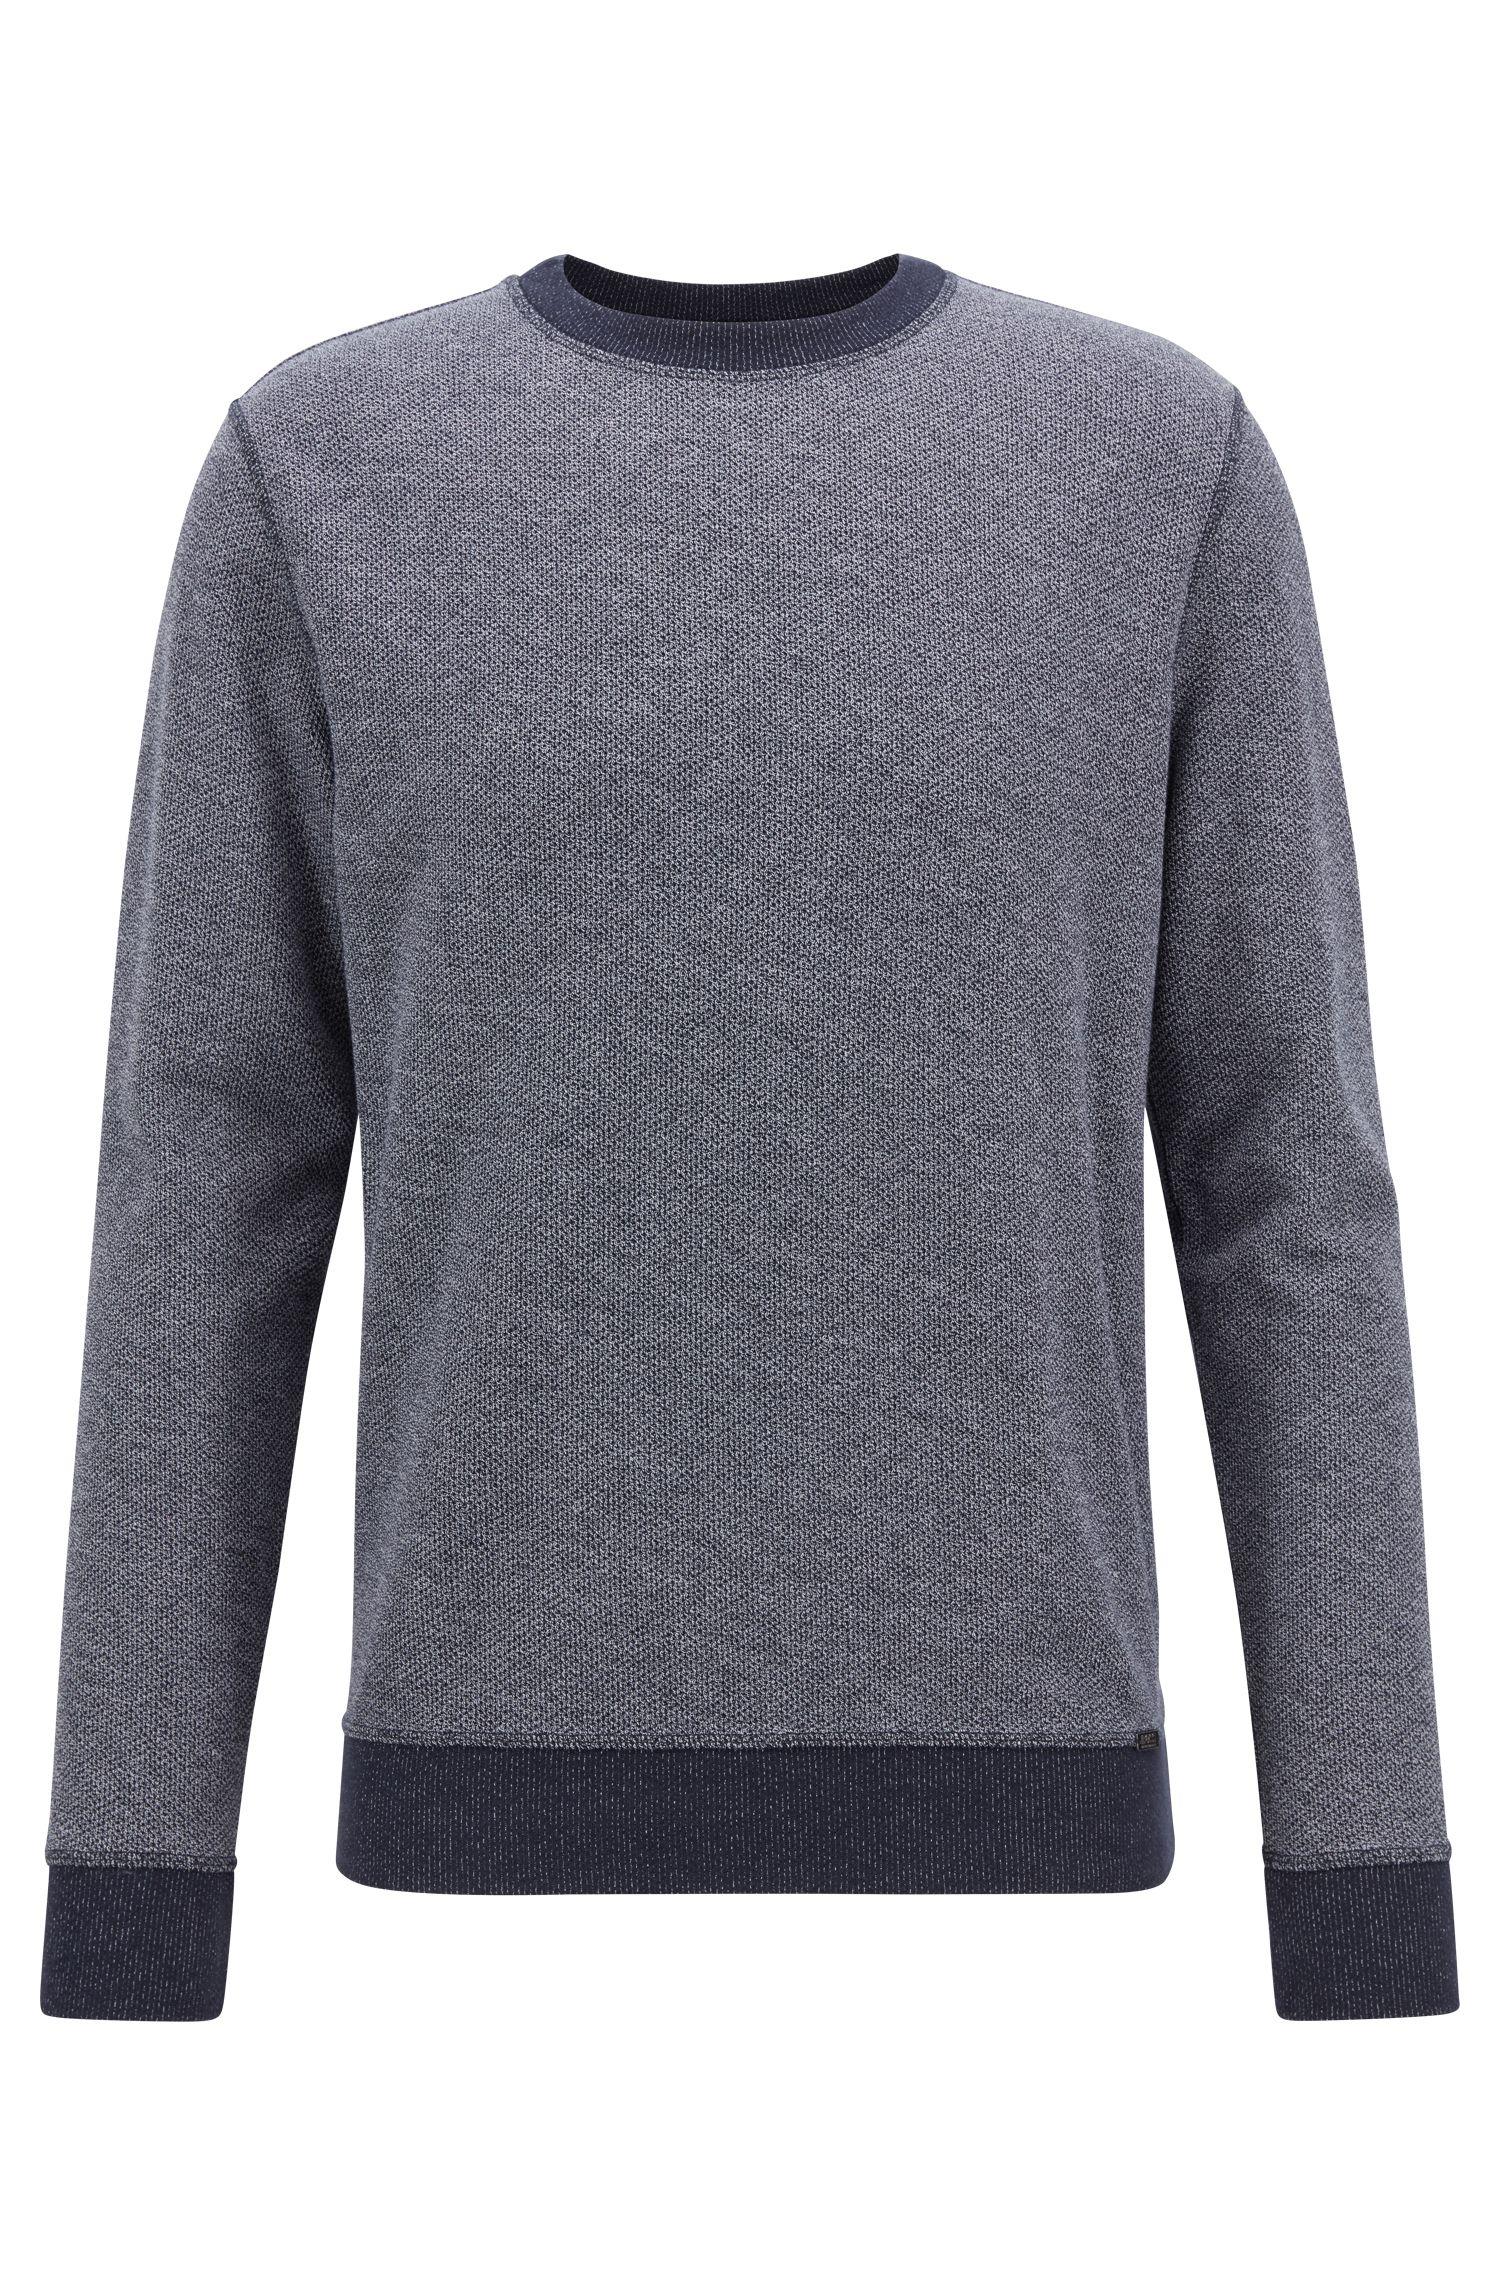 Wendbares Sweatshirt aus Baumwolle mit Mesh-Struktur und Kontrast-Details